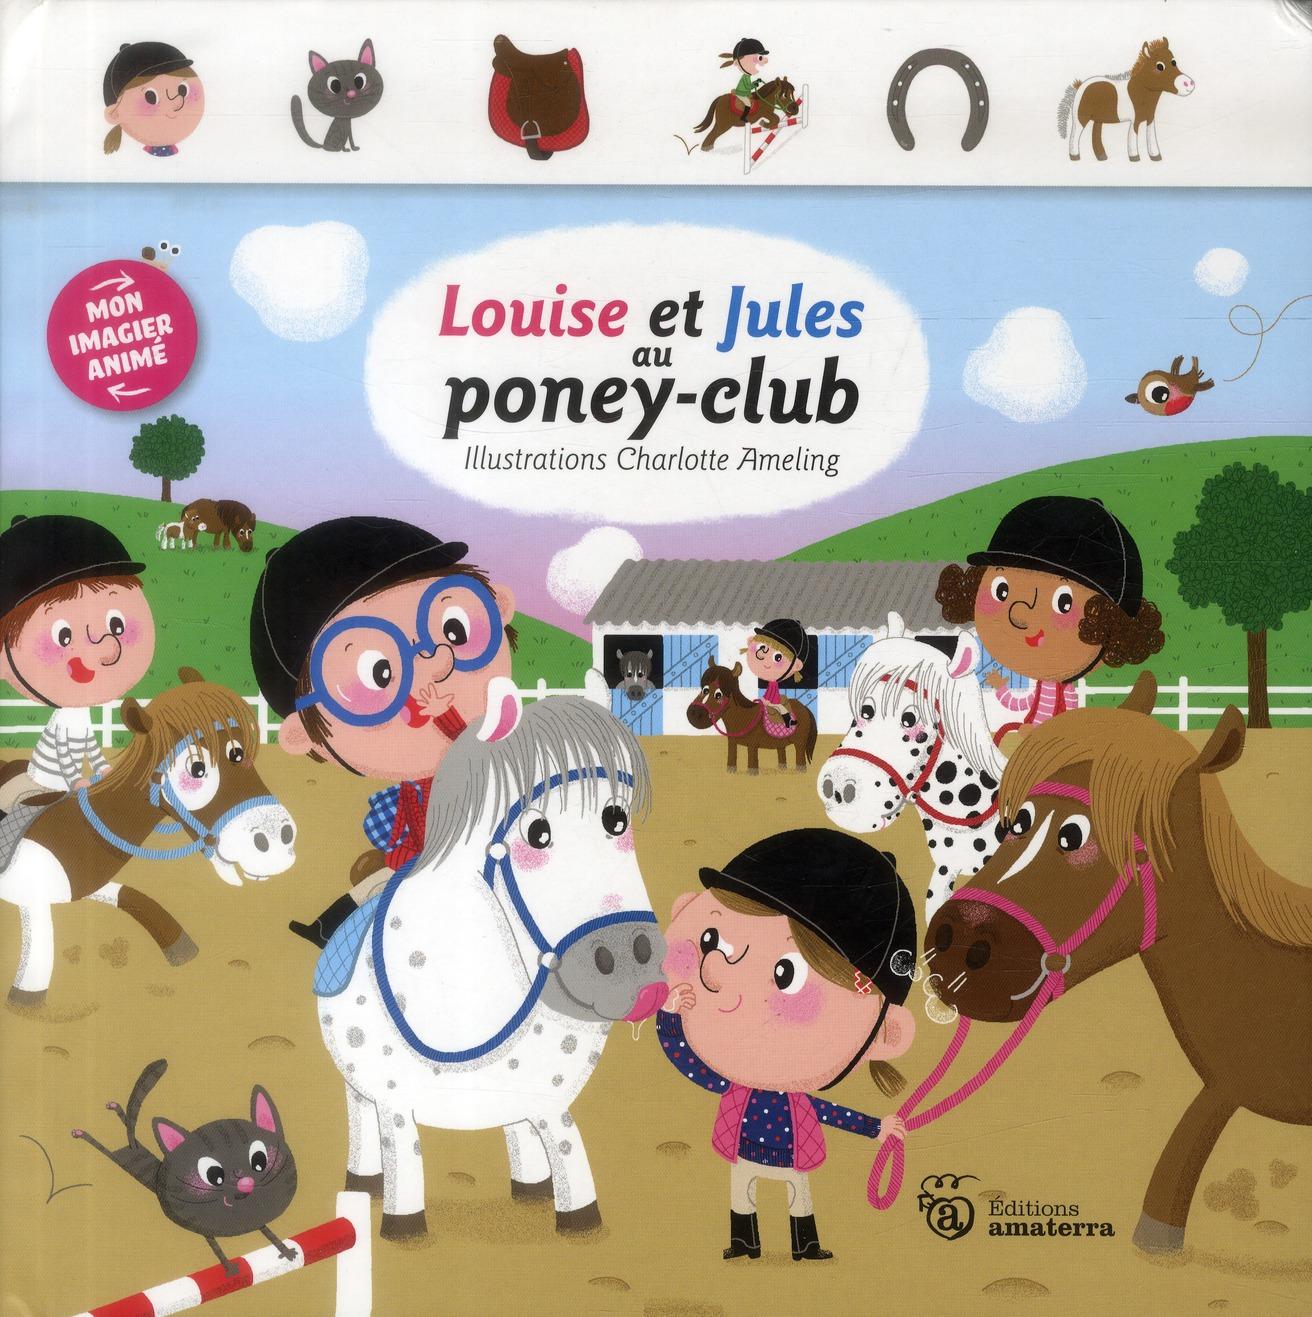 Louise et Jules au poney-club